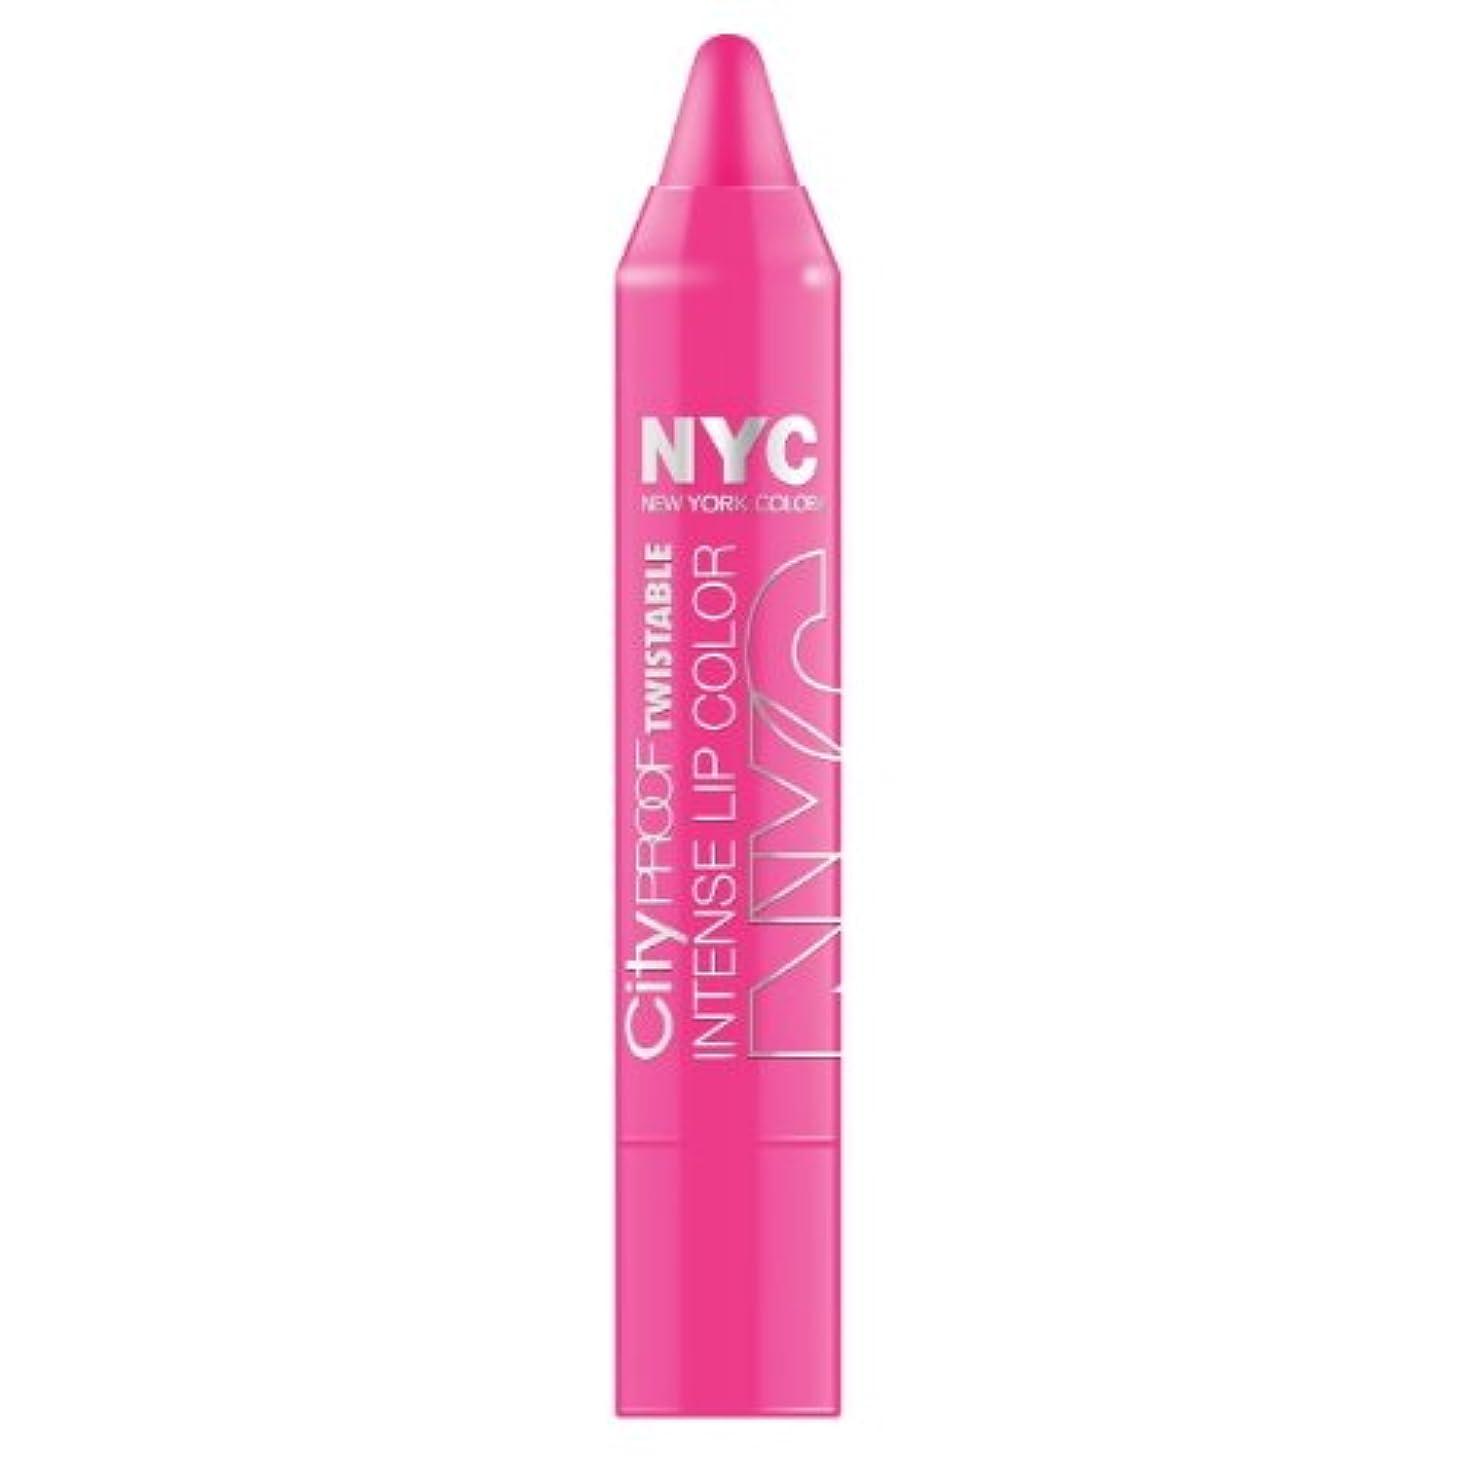 バスロープポンプNYC City Proof Twistable Intense Lip Color - Fulton St Fuchsia (並行輸入品)